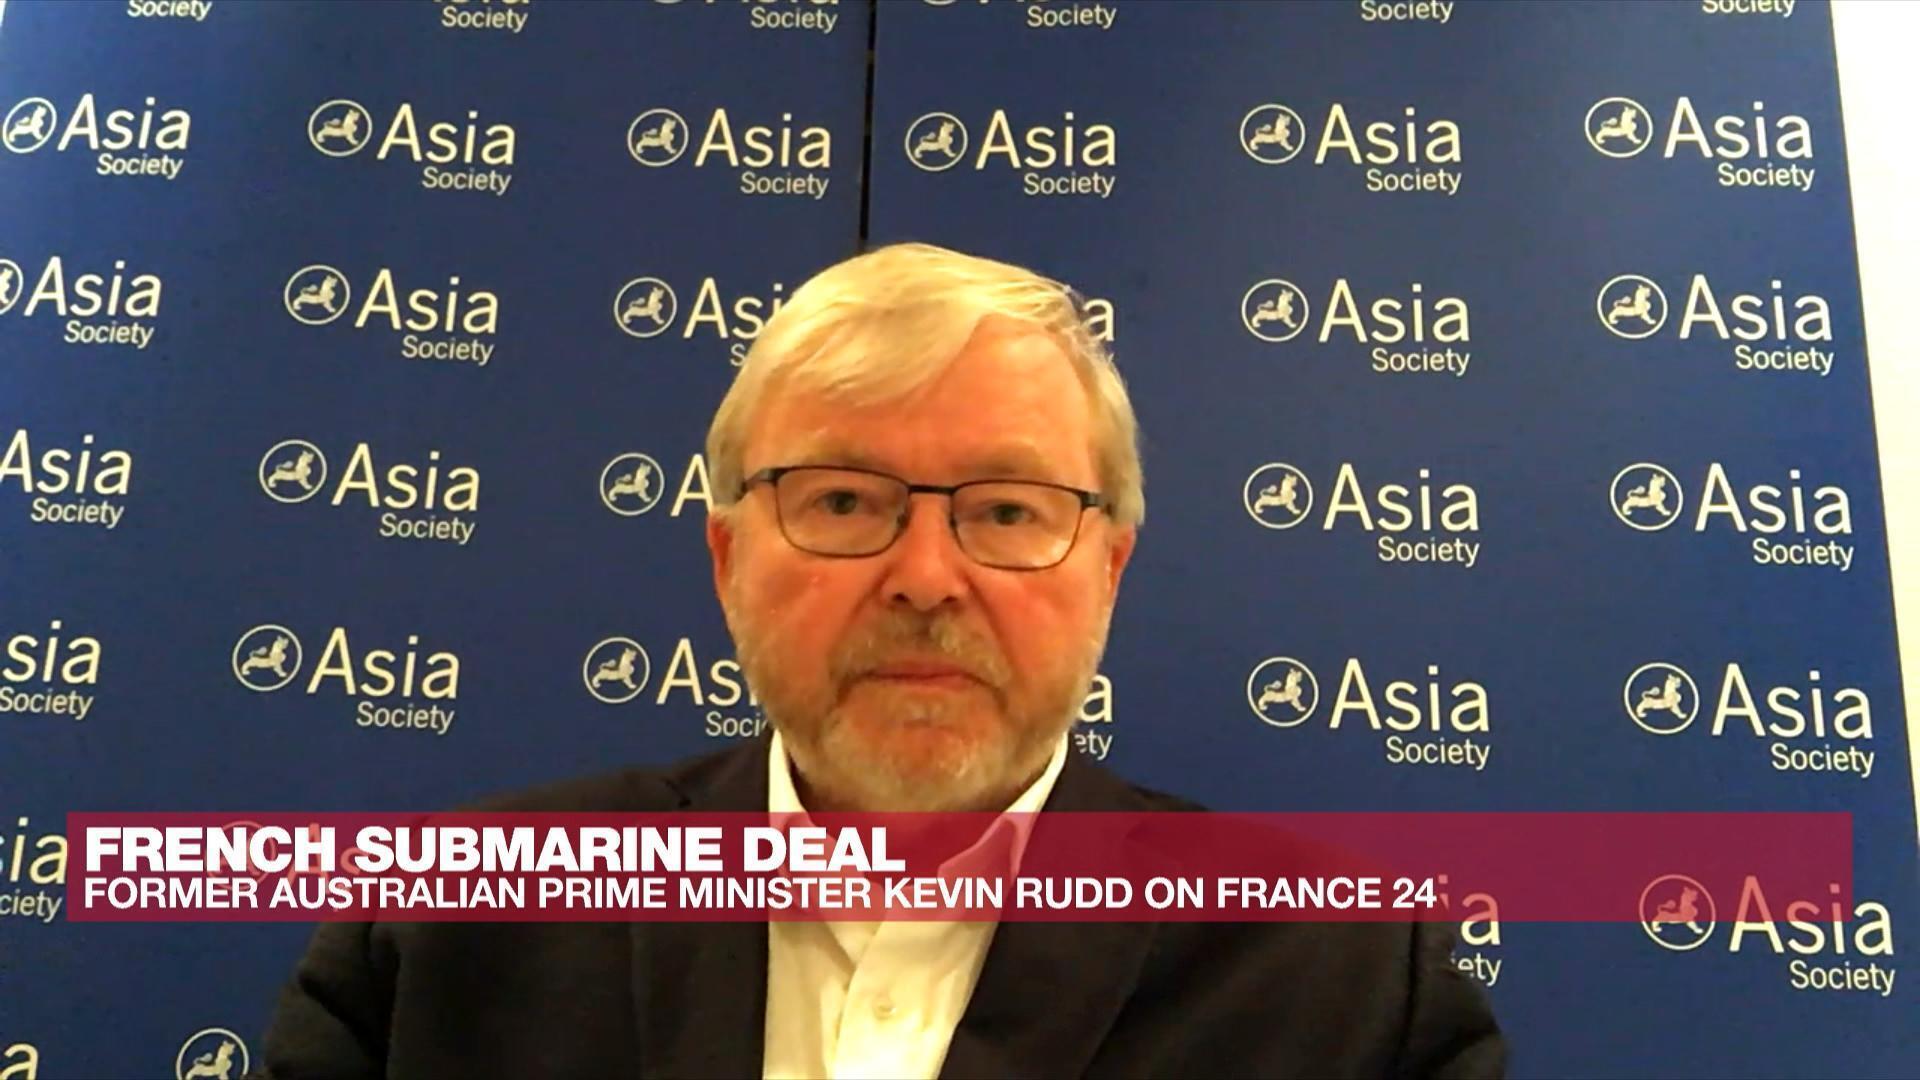 Kevin Rudd, former Australian prime minister